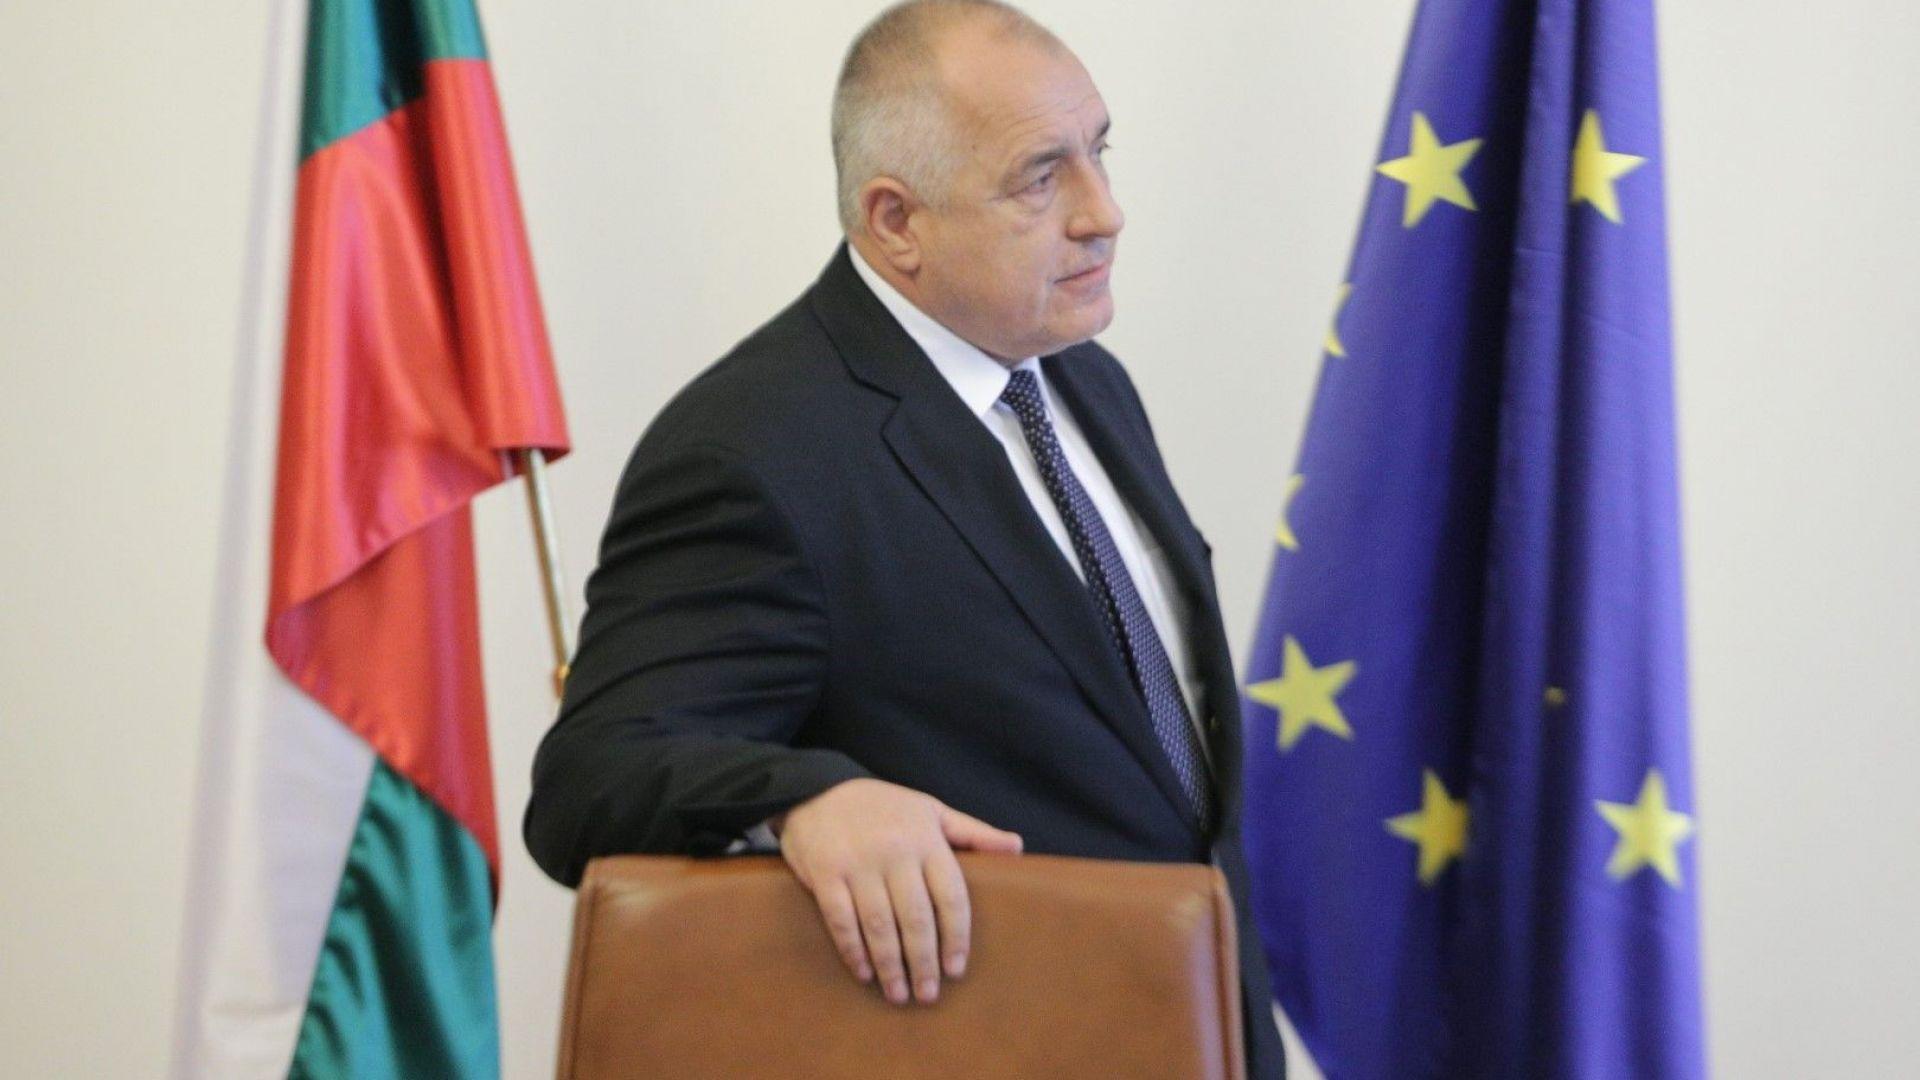 Борисов проведе телефонен разговор с британския премиер Тереза Мей